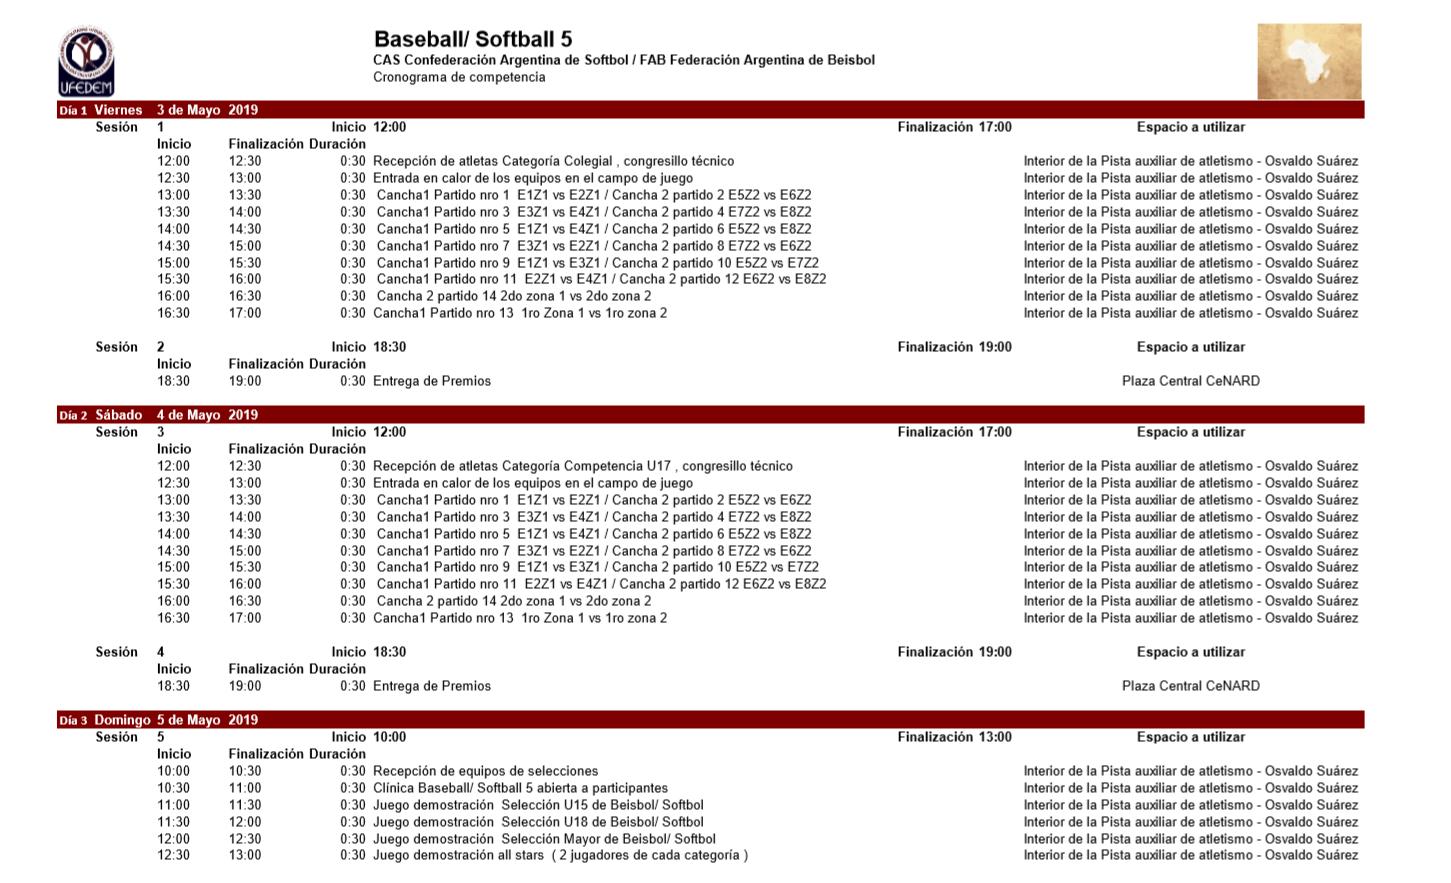 Baseball softball 5 2.1 - Cronograma